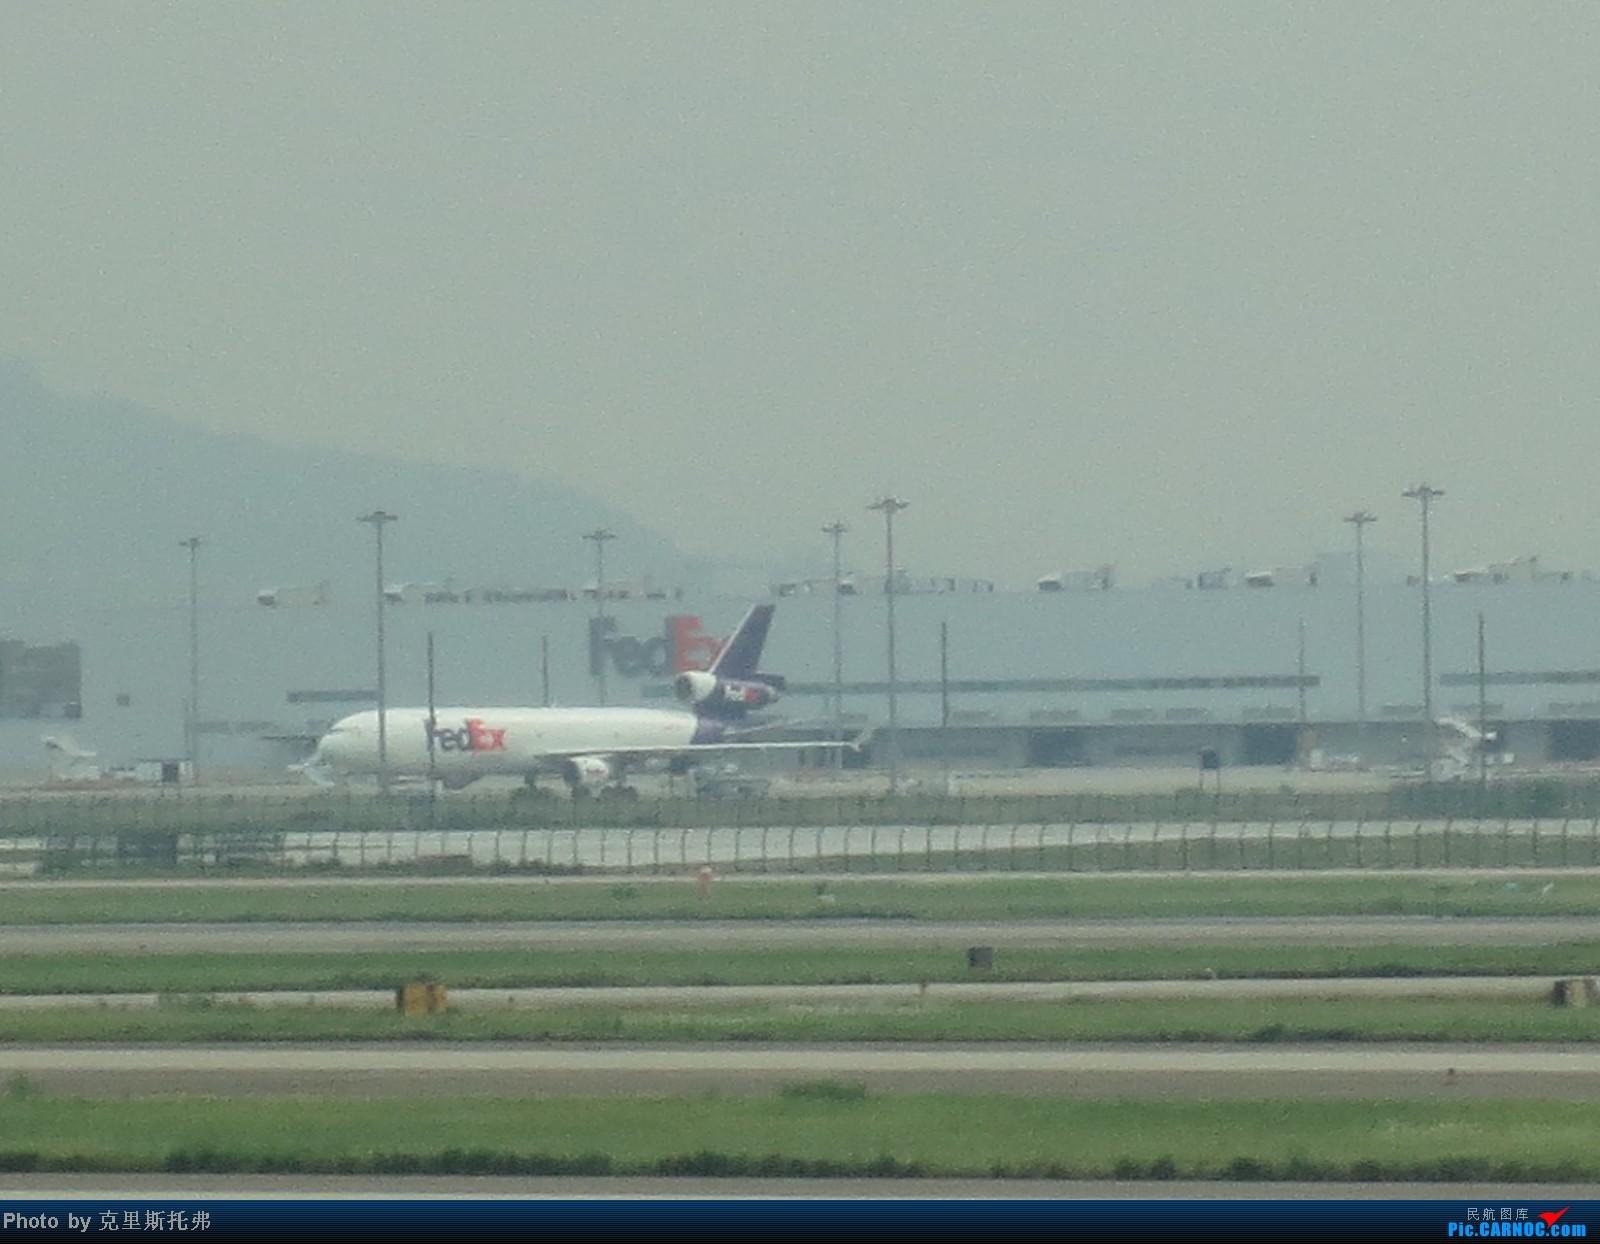 Re:[原创]【广州,你好!】八月齐鲁行 第一集 {初到齐鲁城} 不期而遇,鹏程行万里 相伴相惜,享飞行至美 MD-11F